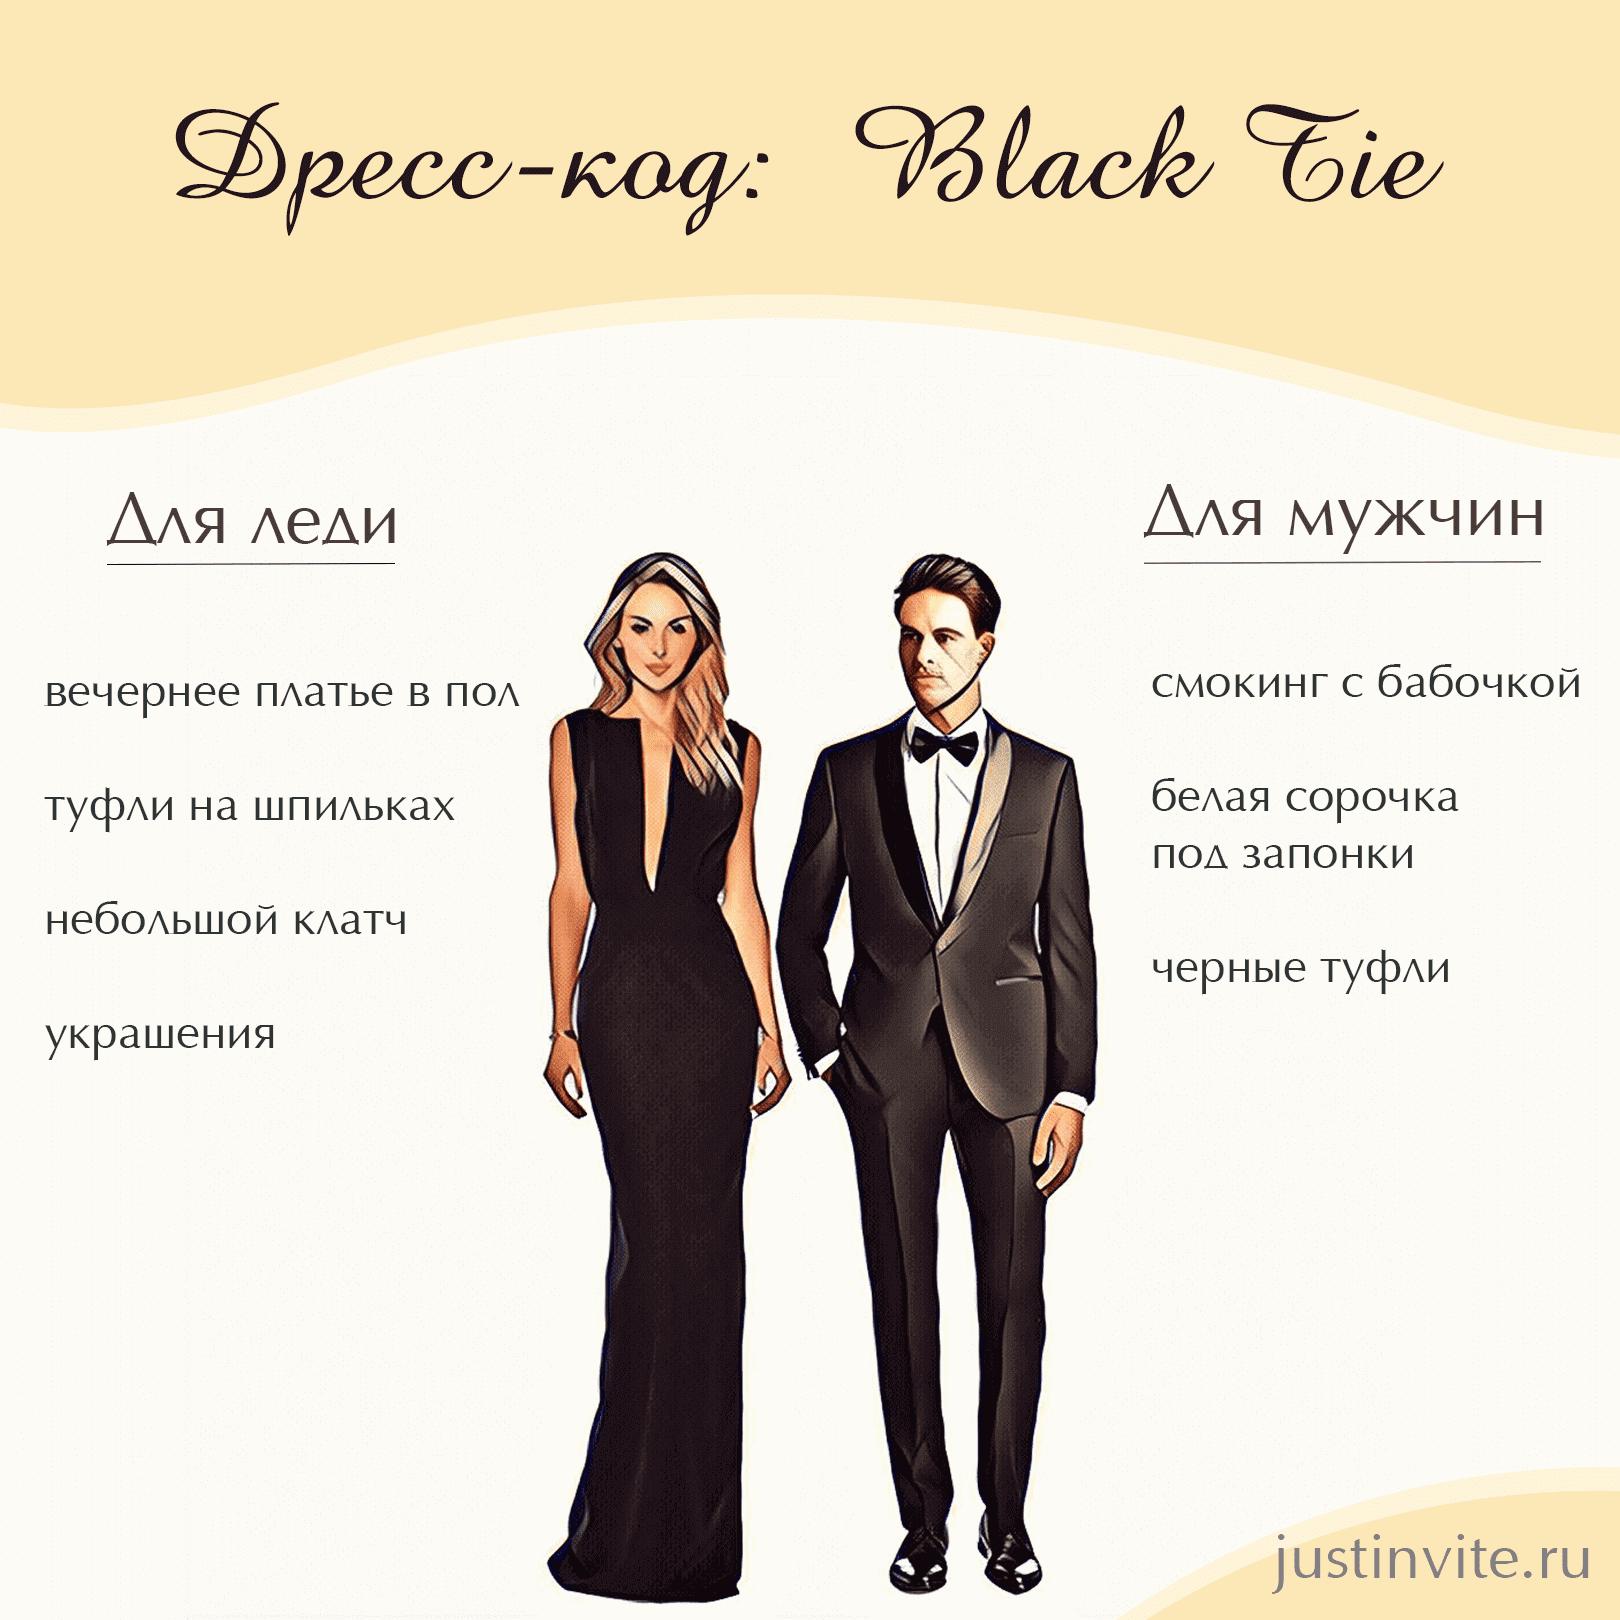 Дресс-код Black Tie для женщин и мужчин на свадьбу, день рождения или вечеринку.